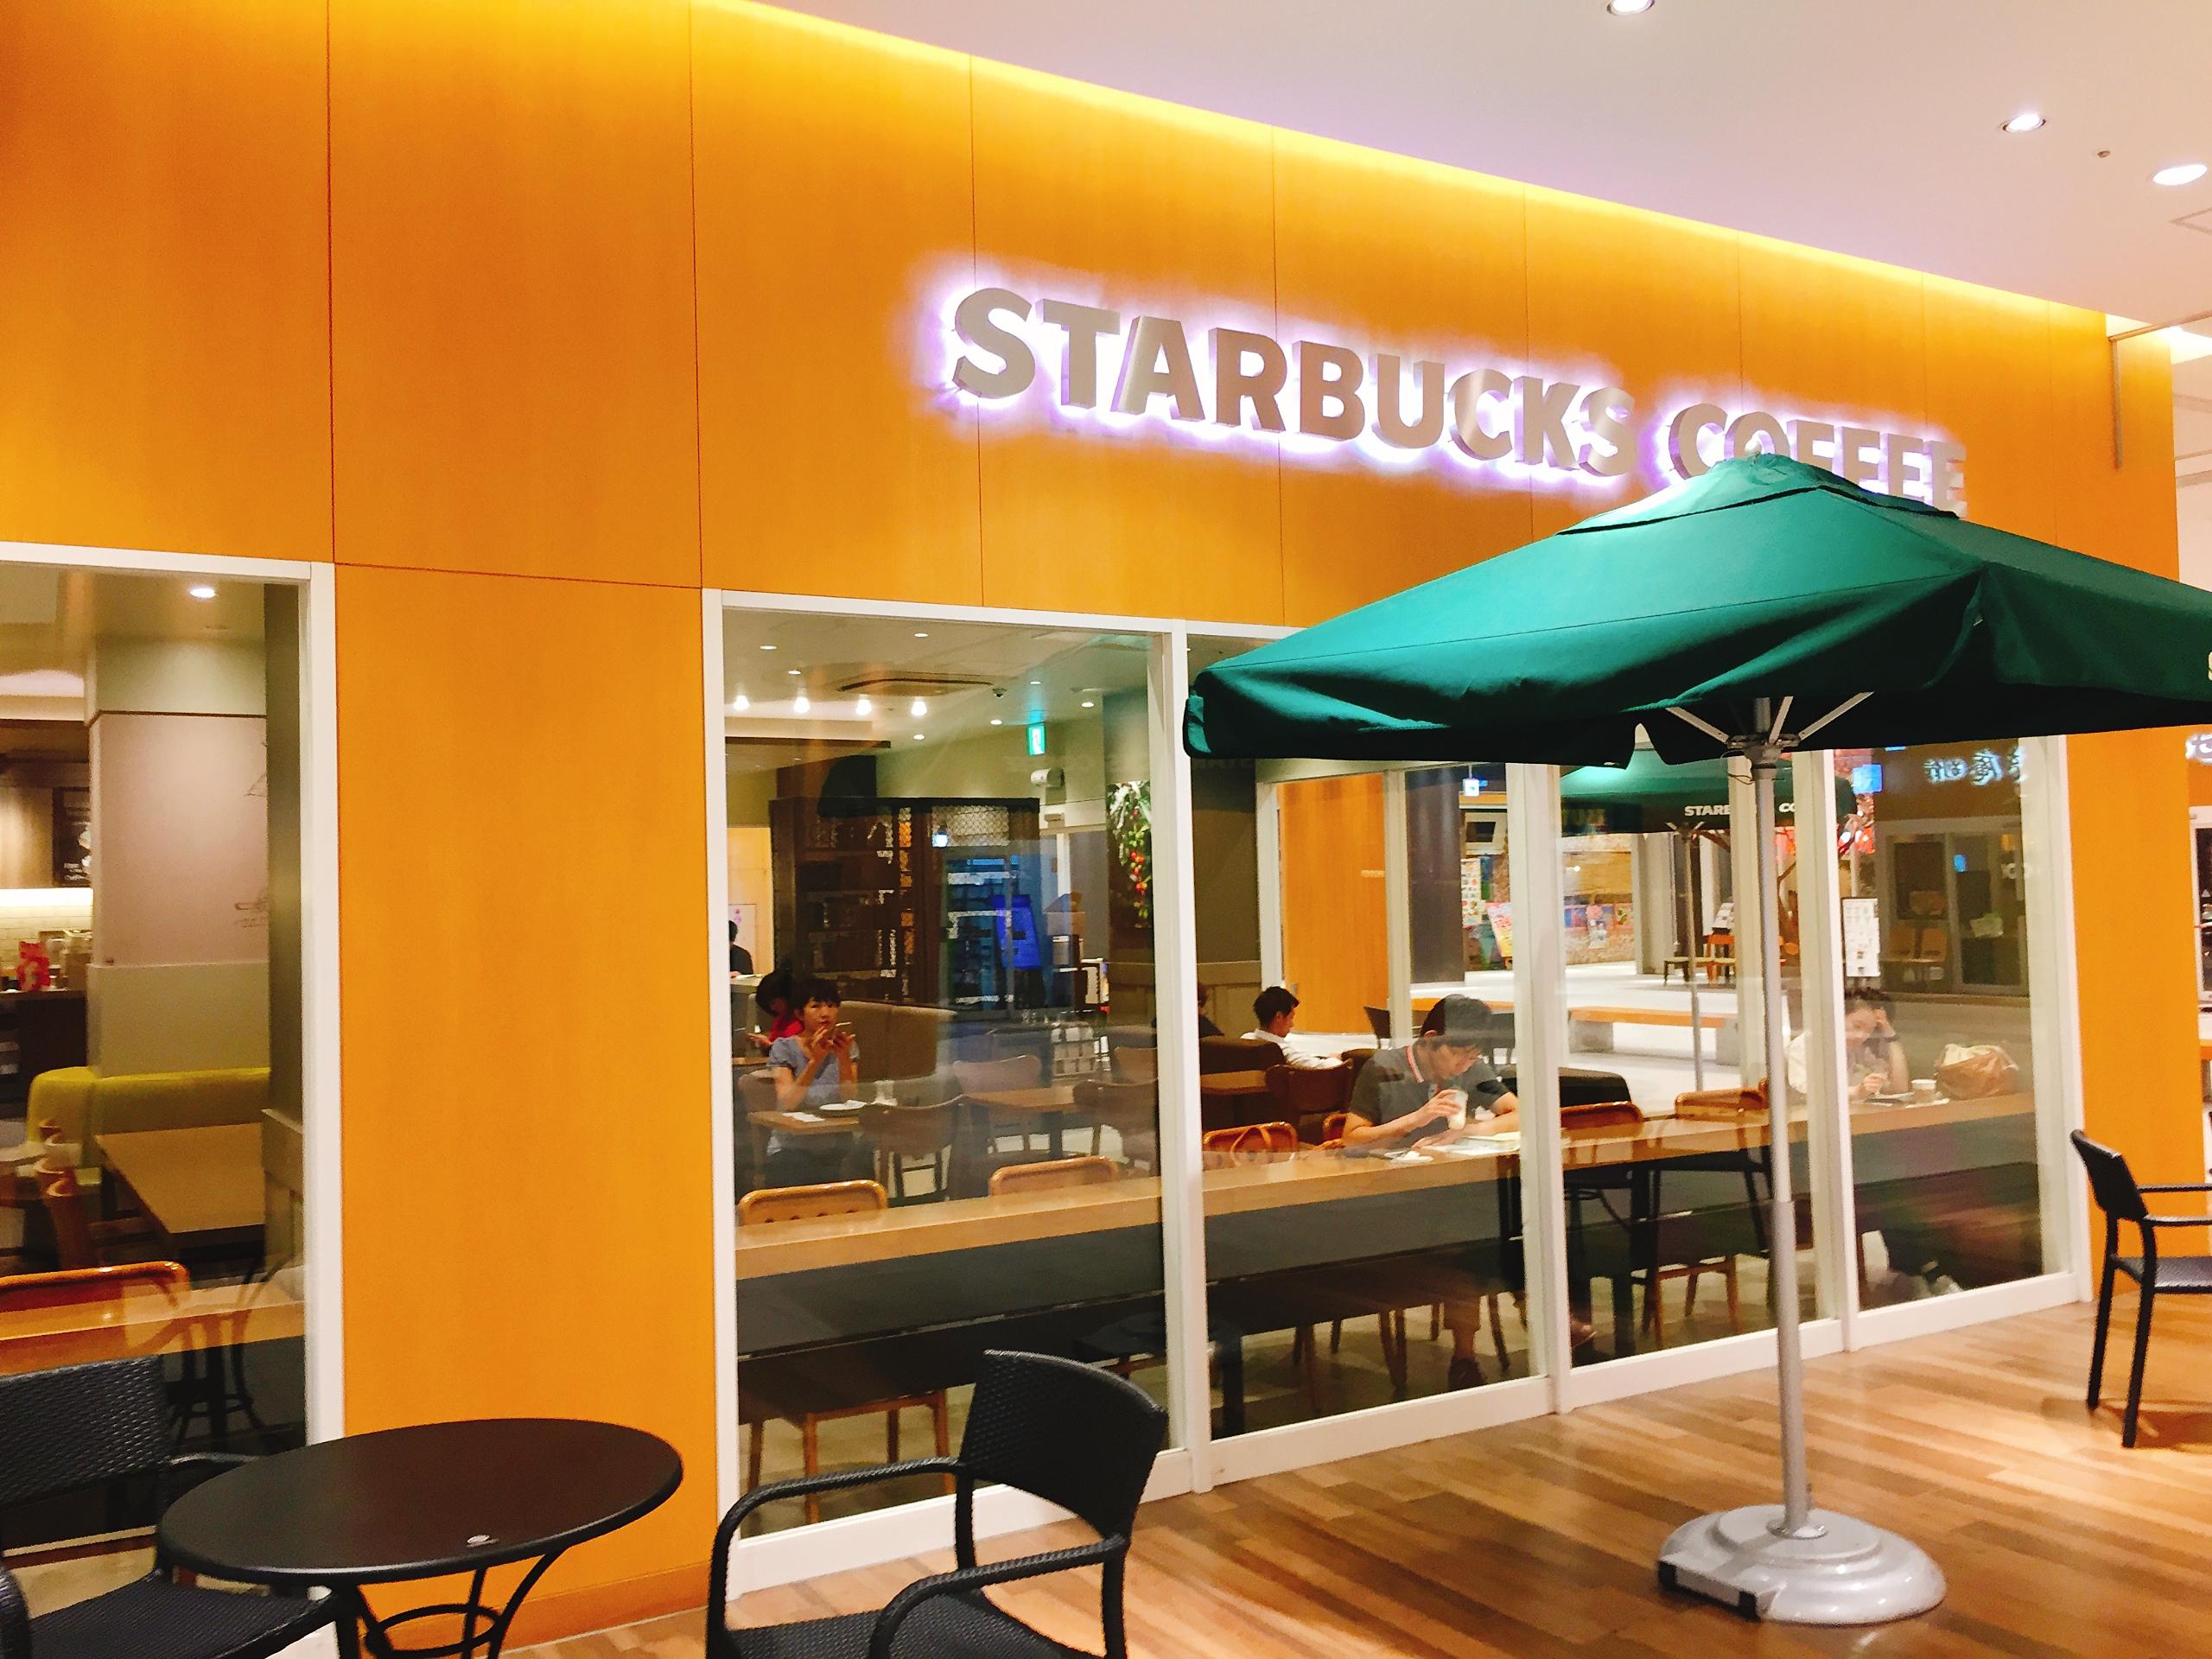 さいたま新都心駅西口 電源カフェ スターバックスコーヒー さいたま新都心店